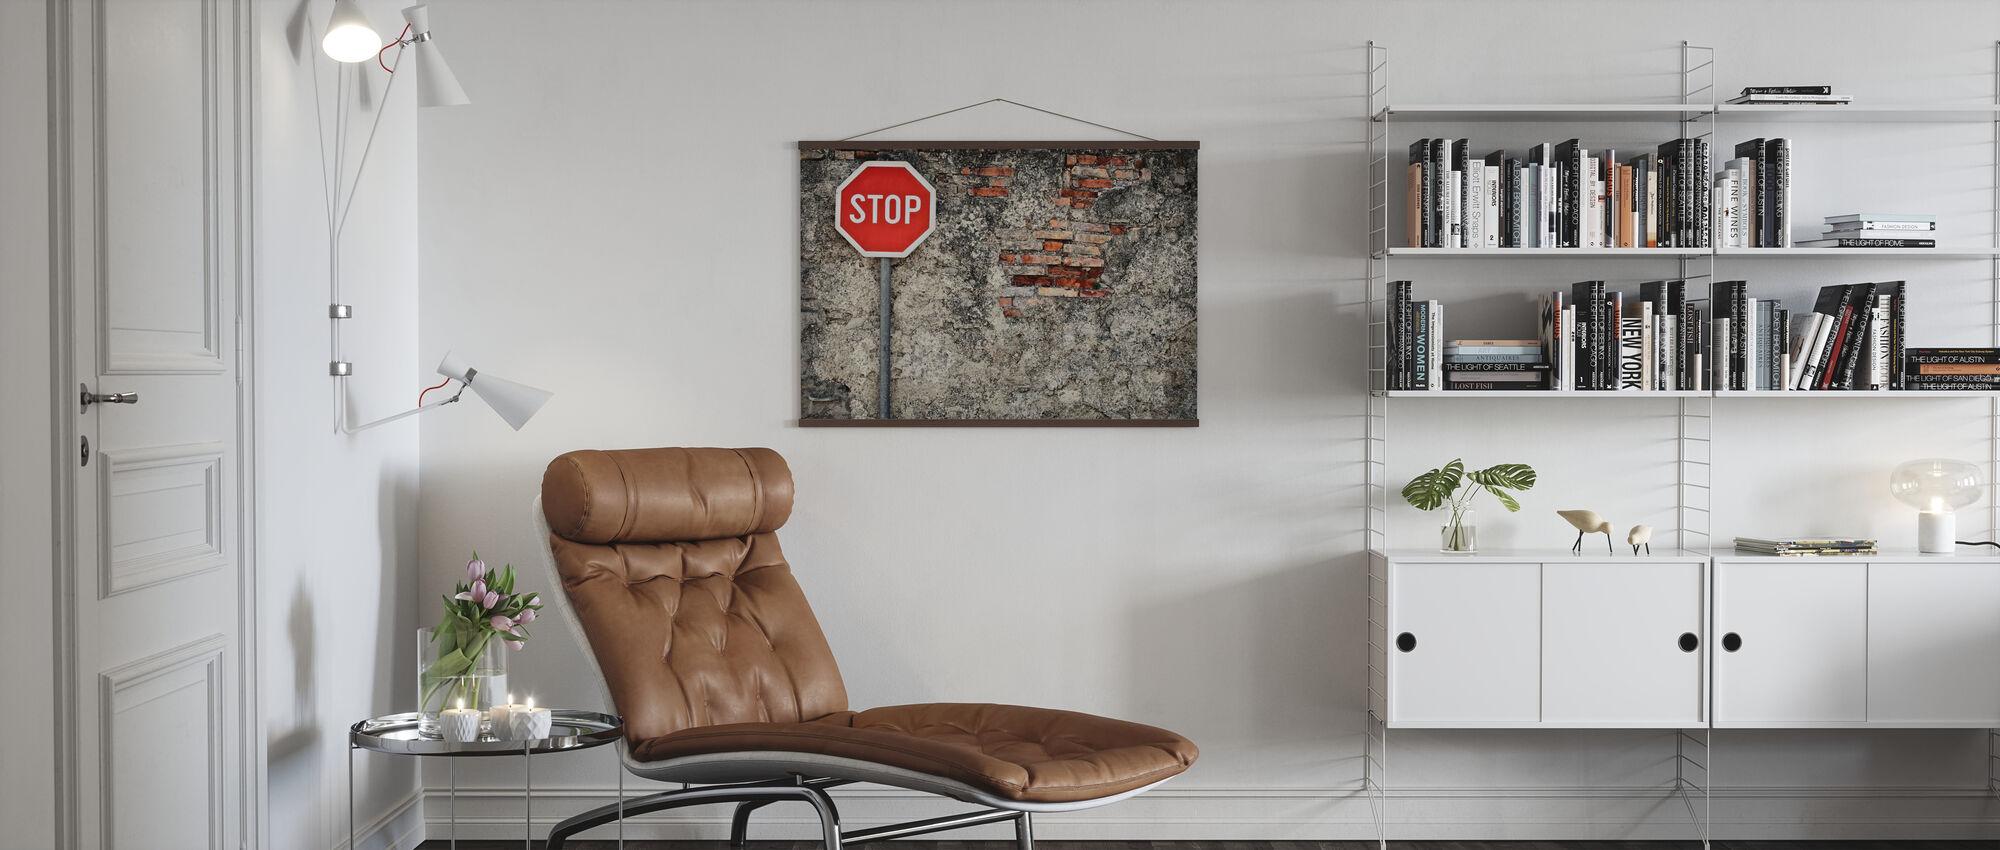 Stop tegn mod grungy væg - Plakat - Stue